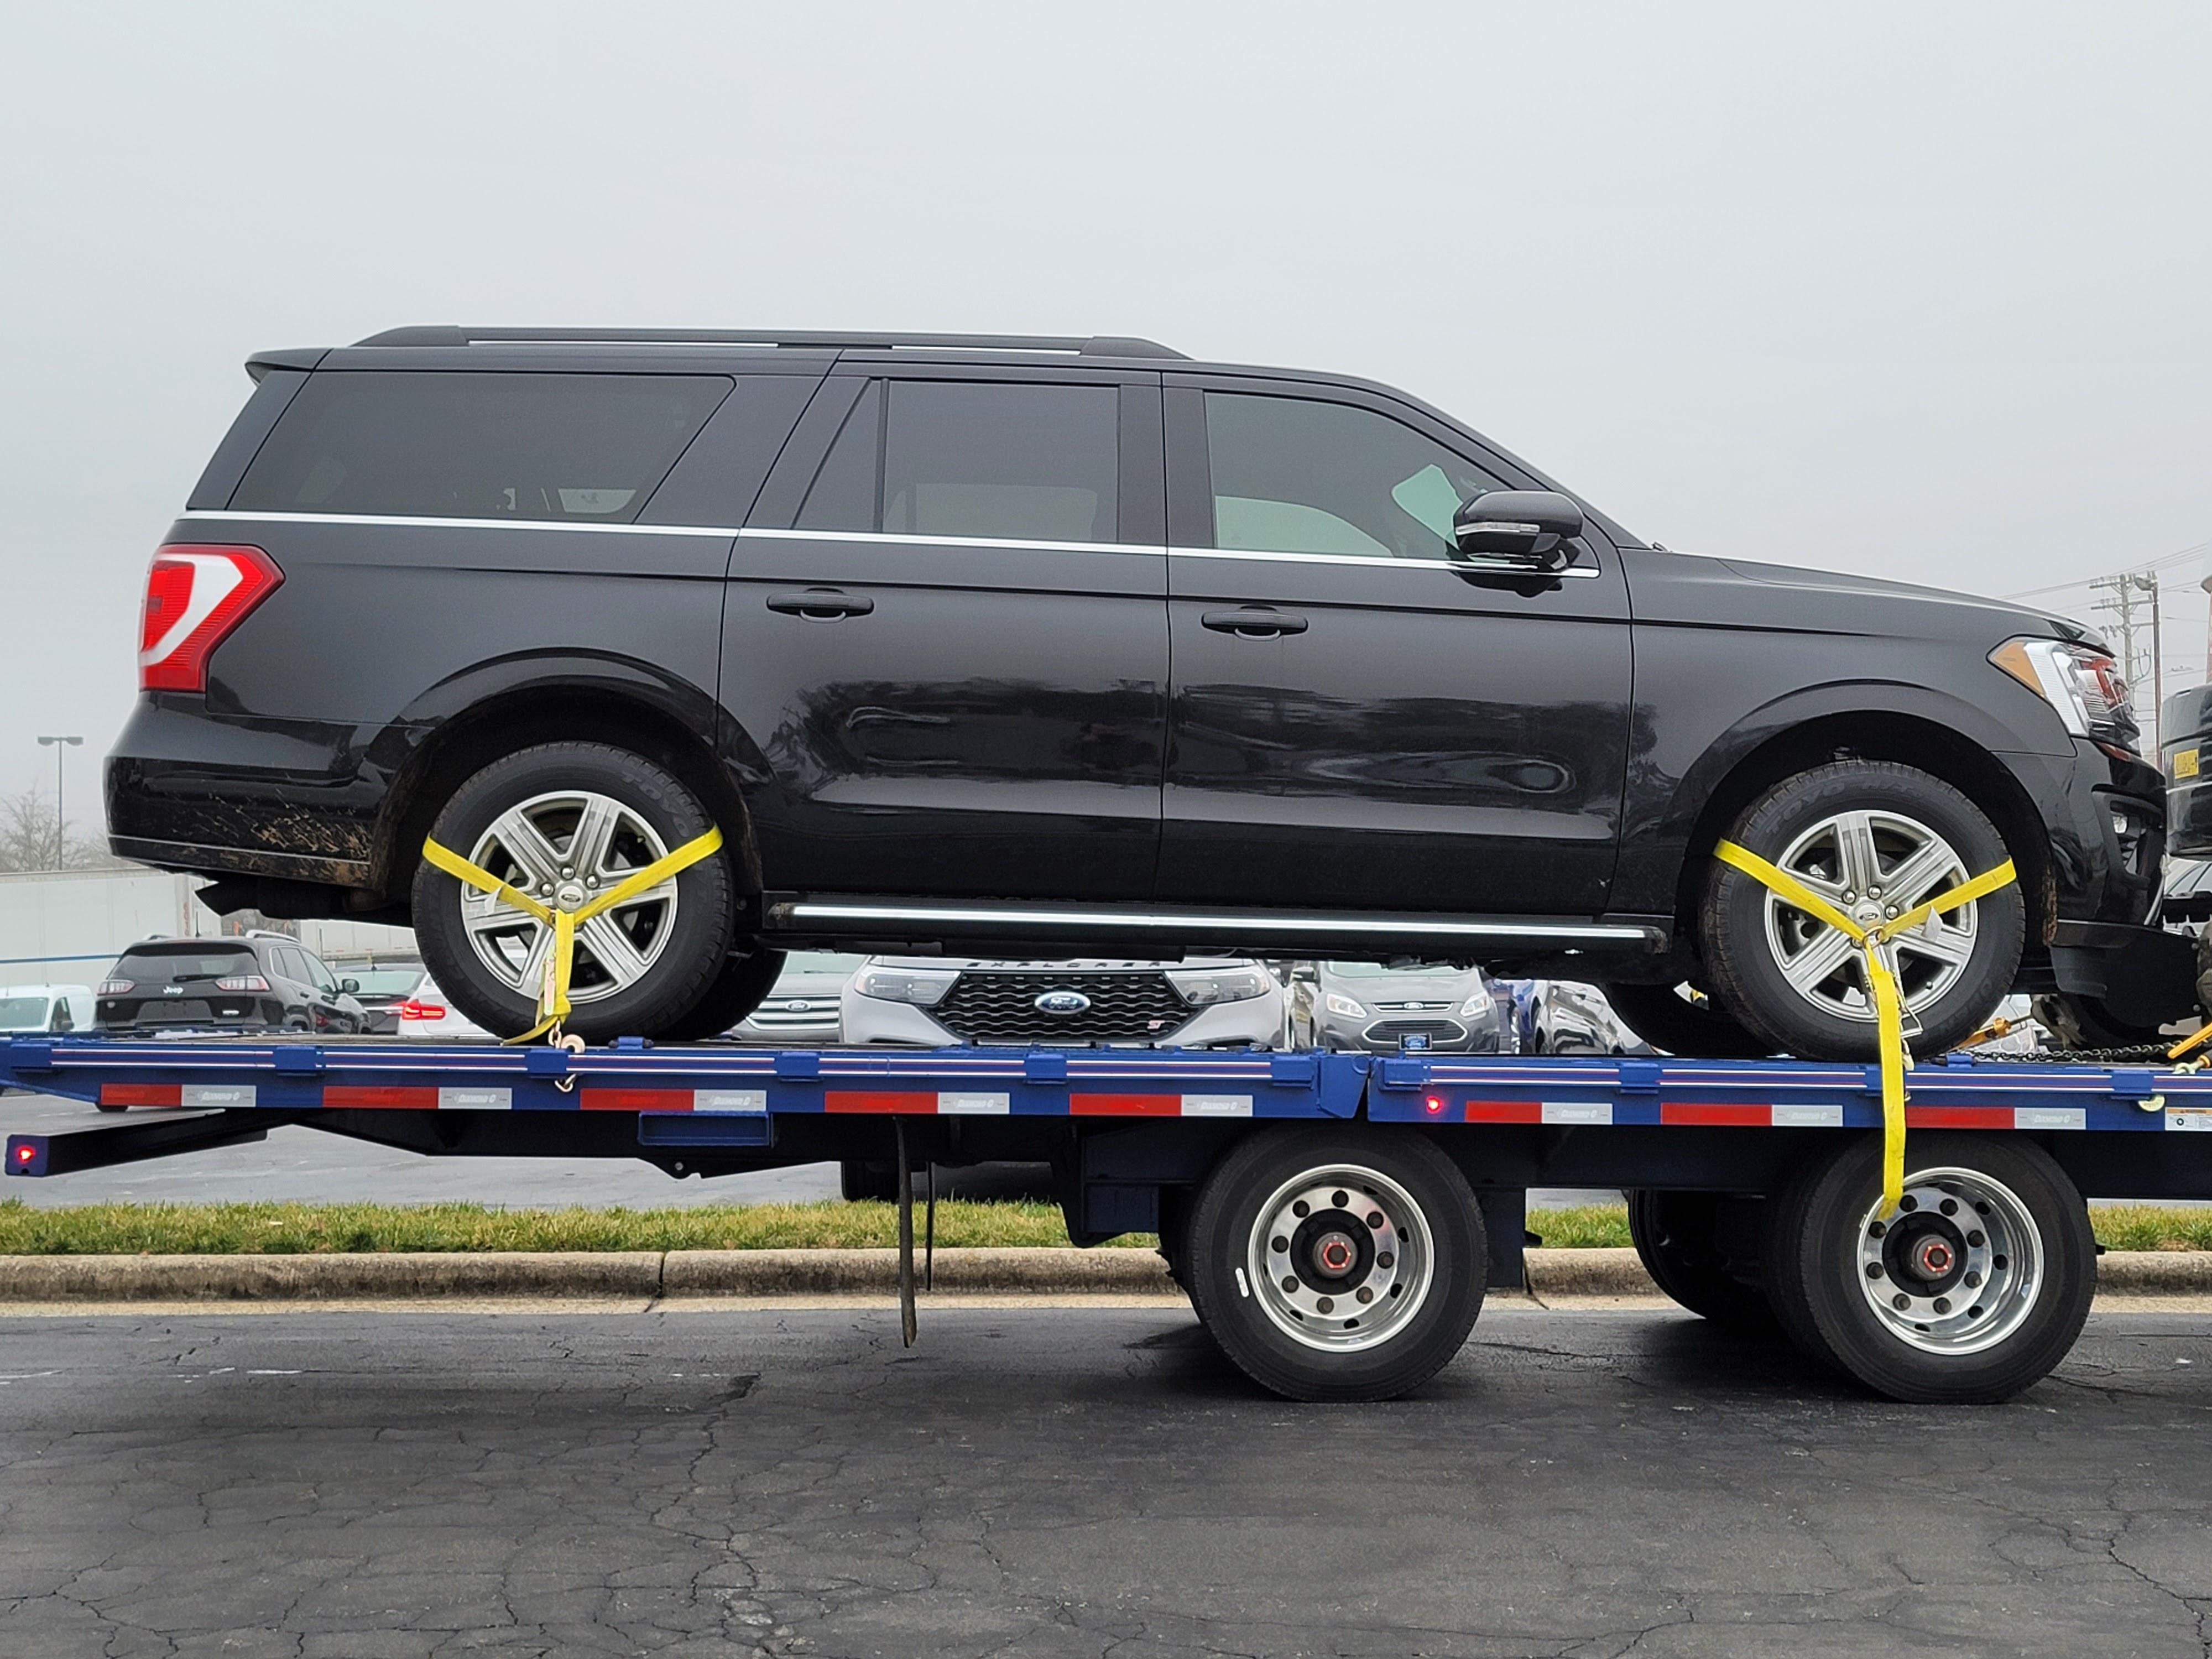 Black SUV Transport